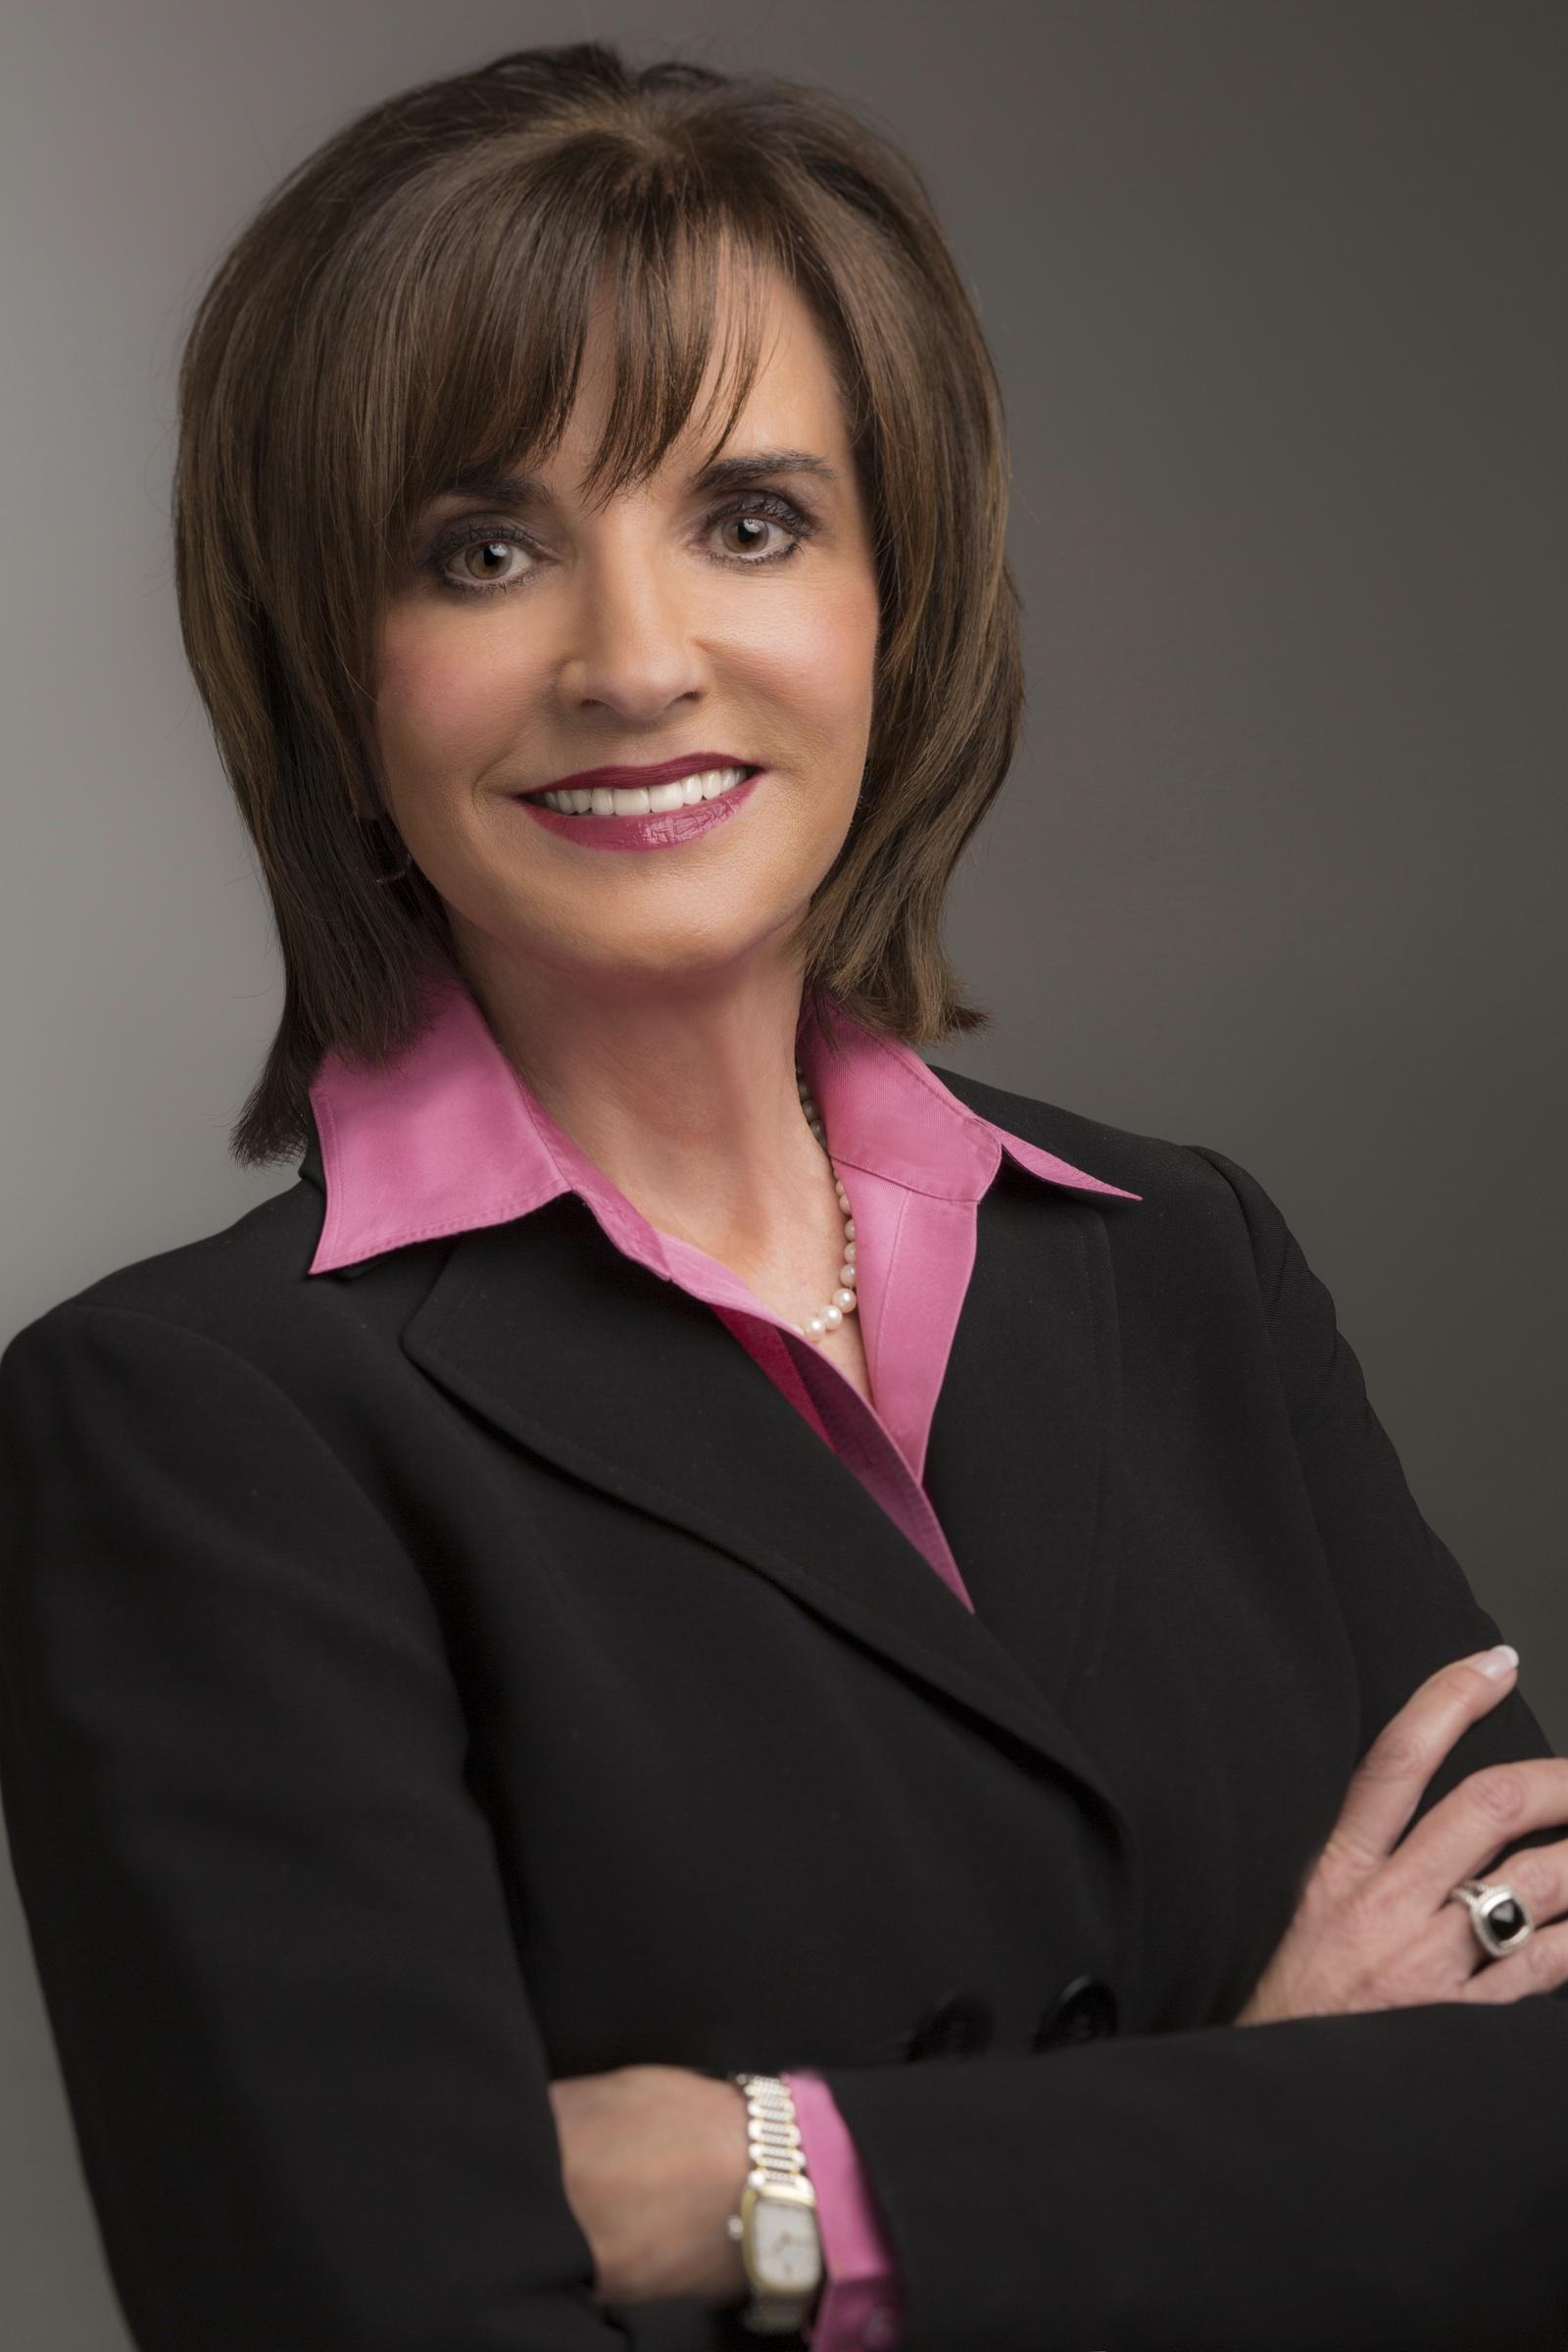 Diana Renfroe